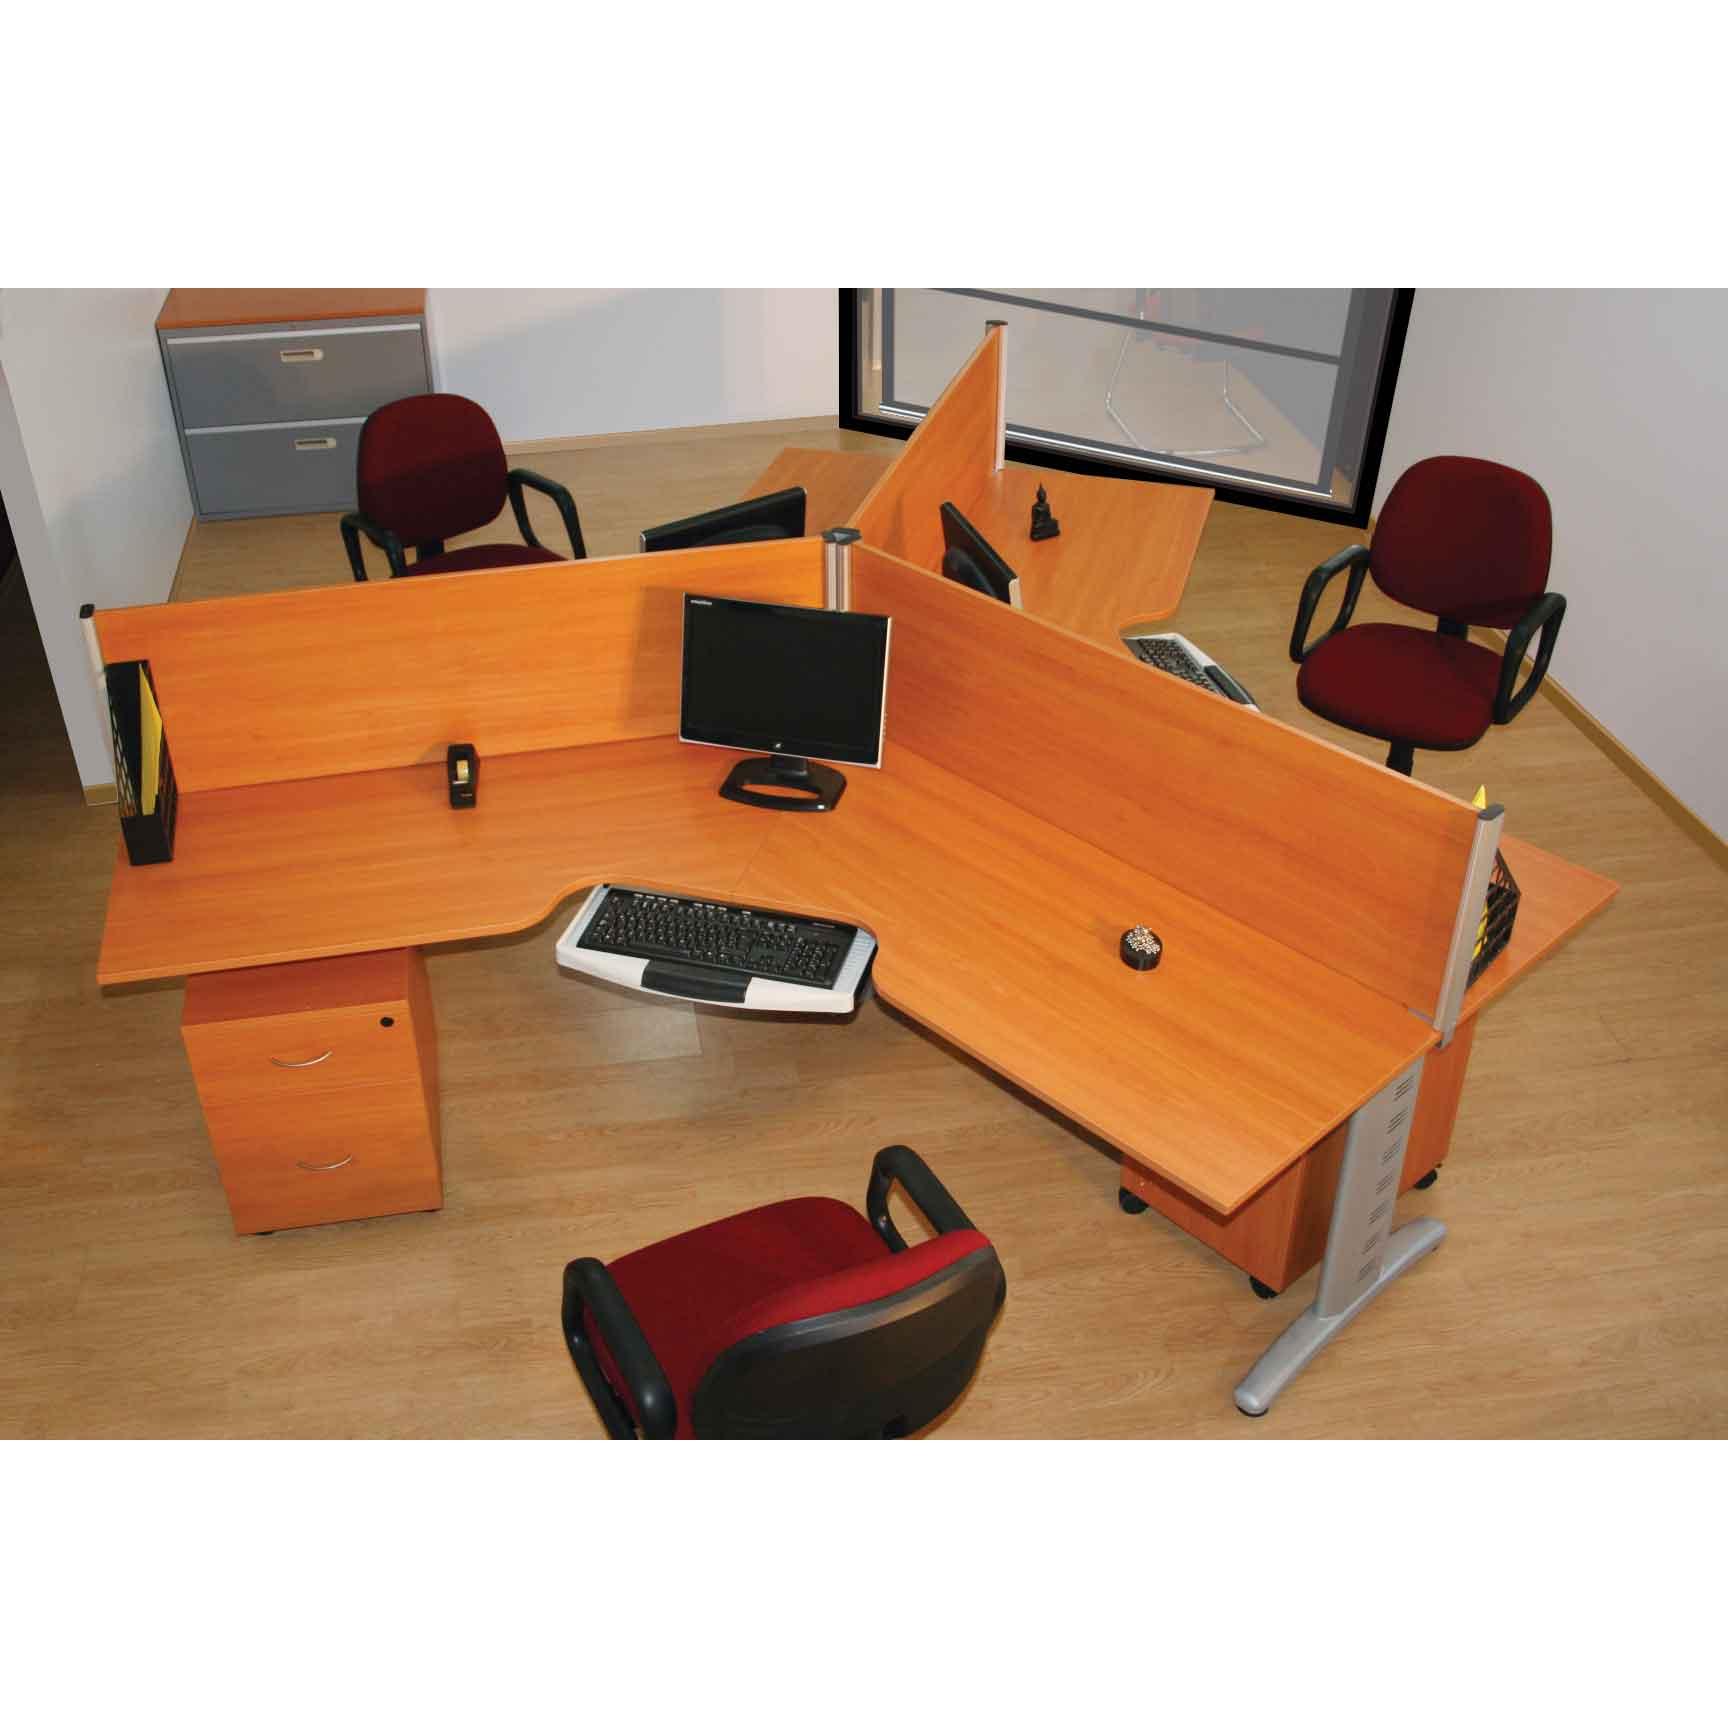 Muebles de oficina outlet idee per interni e mobili for Outlet muebles de oficina